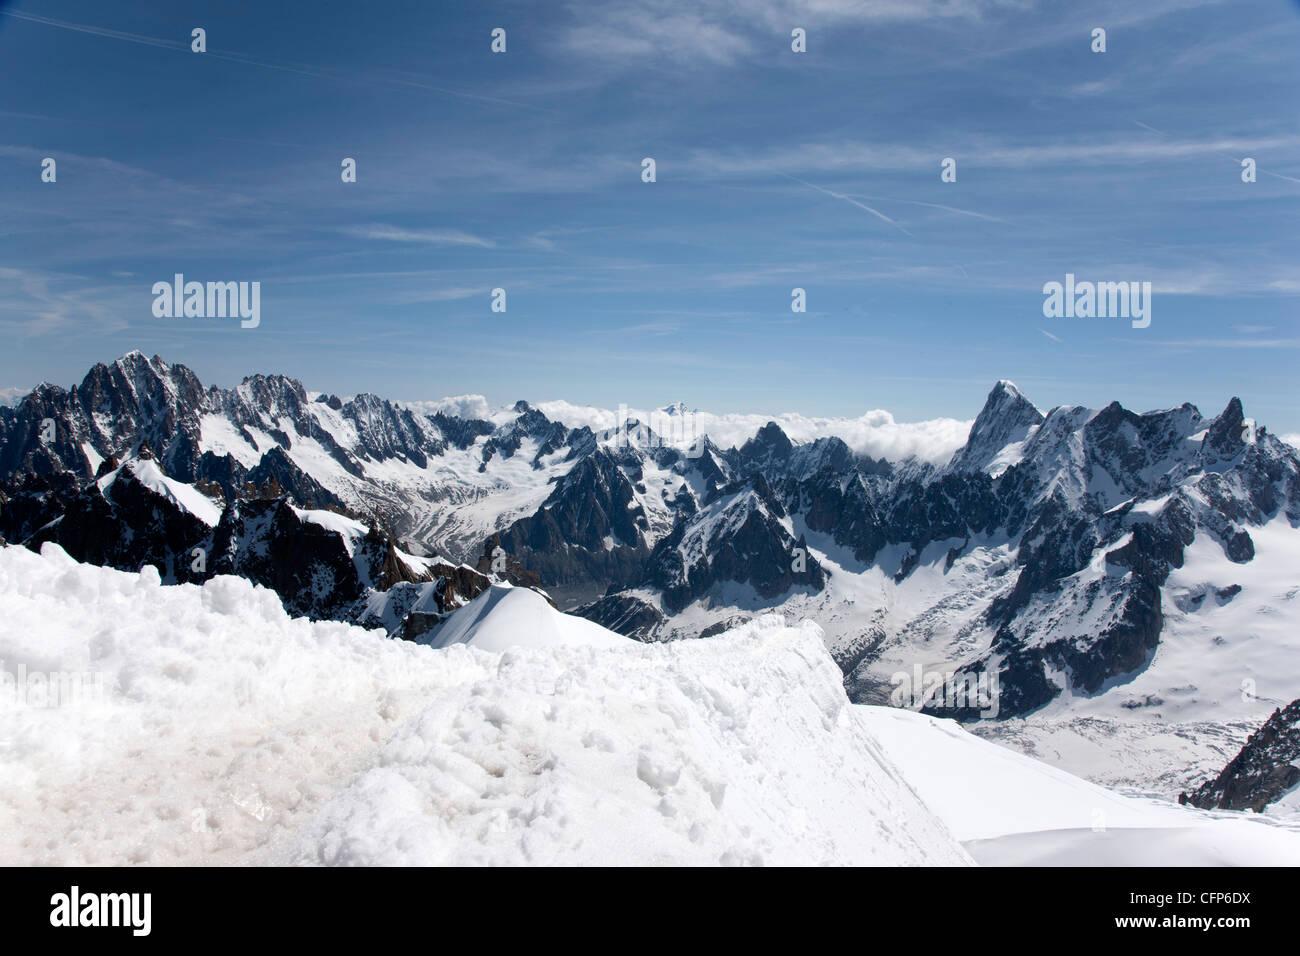 Aiguille du Midi, Blick auf den Mont-Blanc-Massiv, Chamonix, Haute Savoie, französischen Alpen, Frankreich, Stockbild